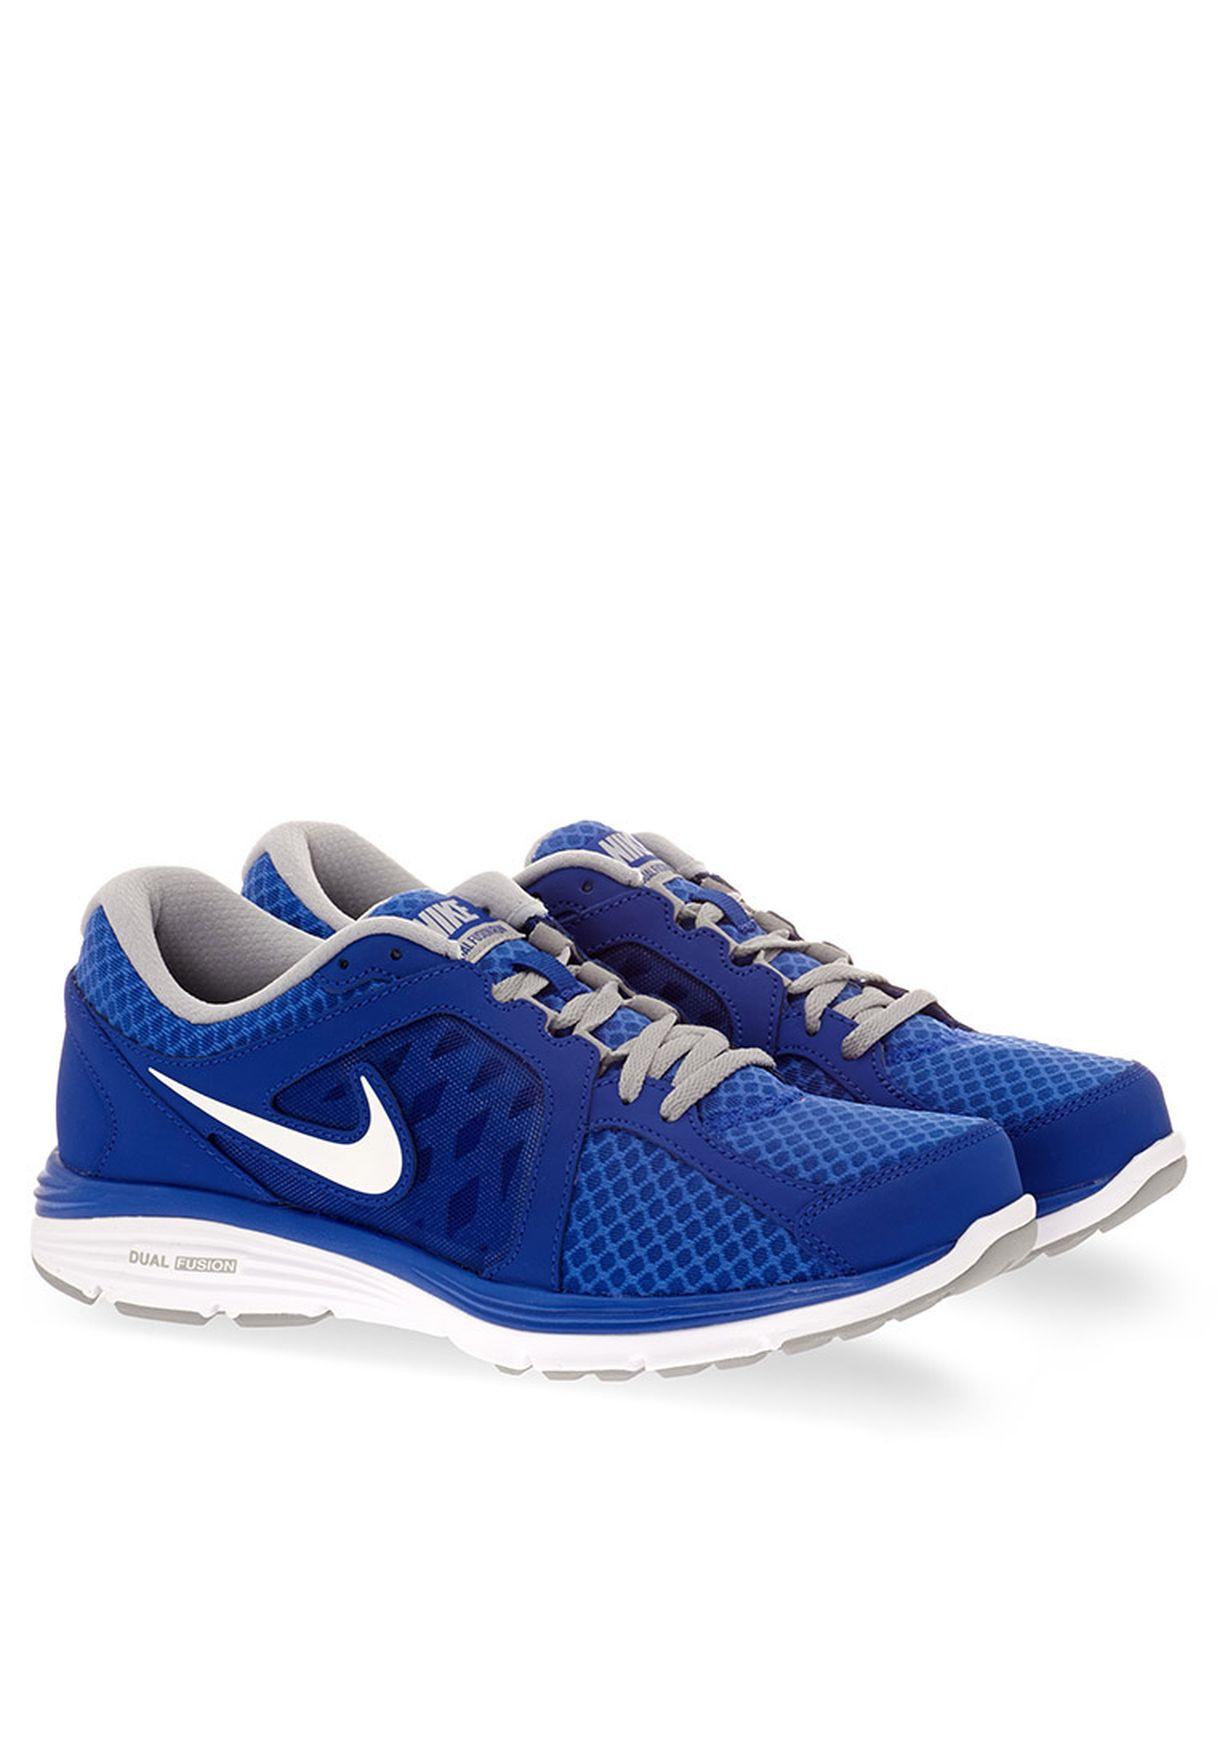 47a76b6cad51b6 Shop Nike blue Dual Fusion Run Breathe 580533-403 for Men in UAE ...